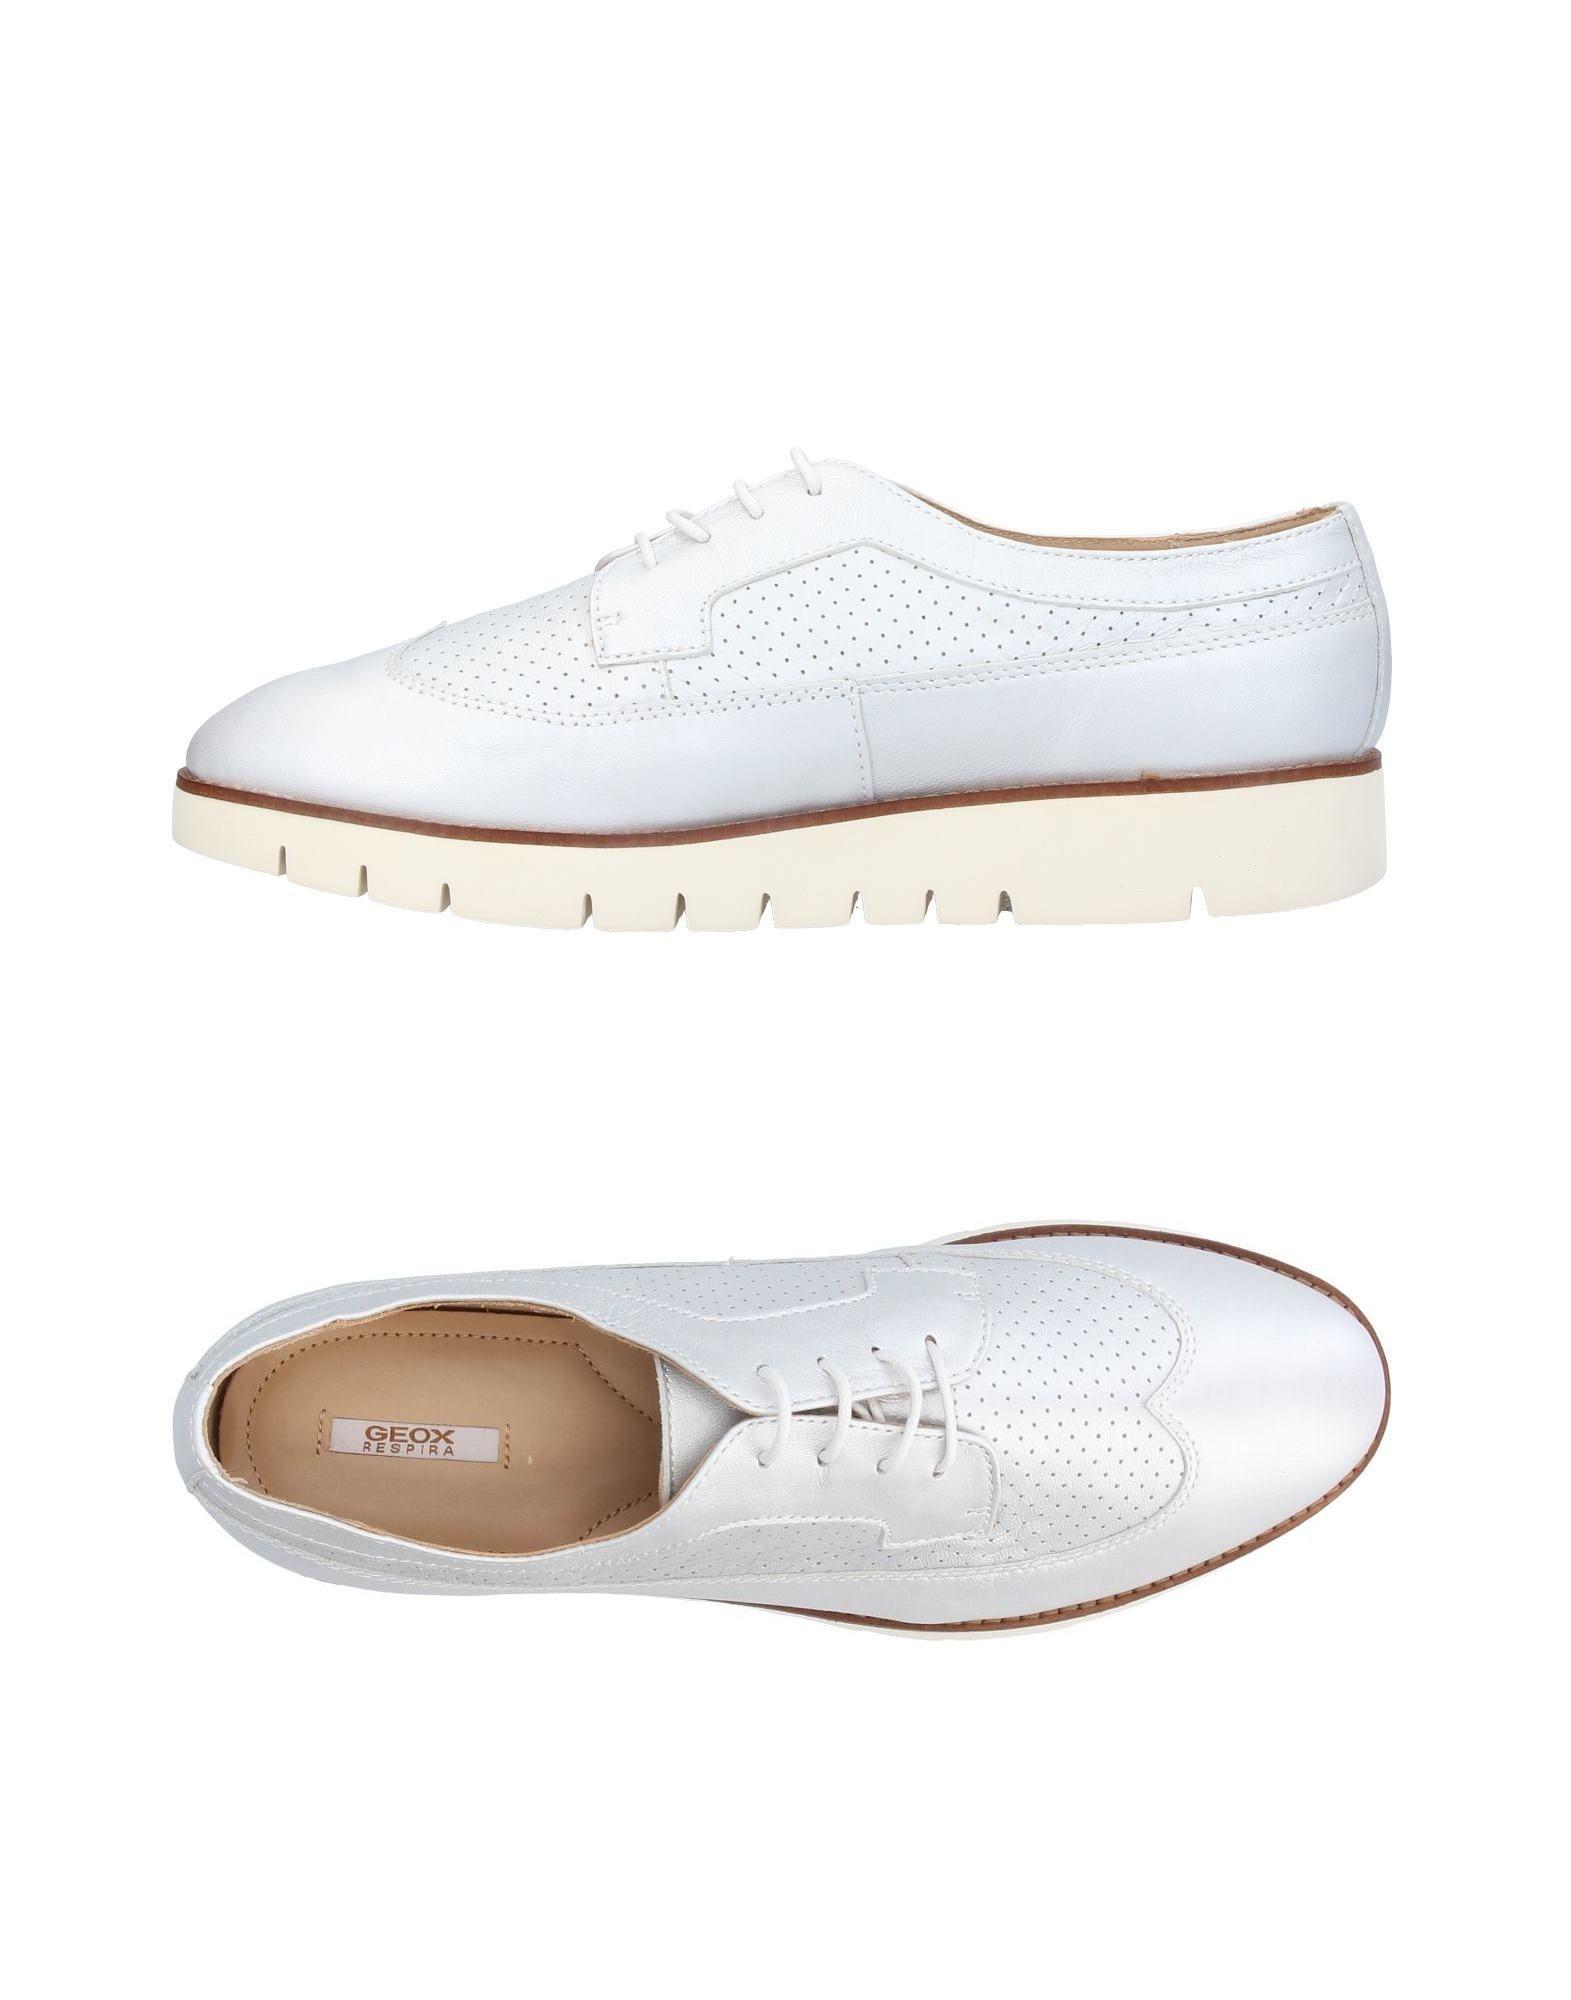 Geox Gute Schnürschuhe Damen  11414122XA Gute Geox Qualität beliebte Schuhe 9765e8